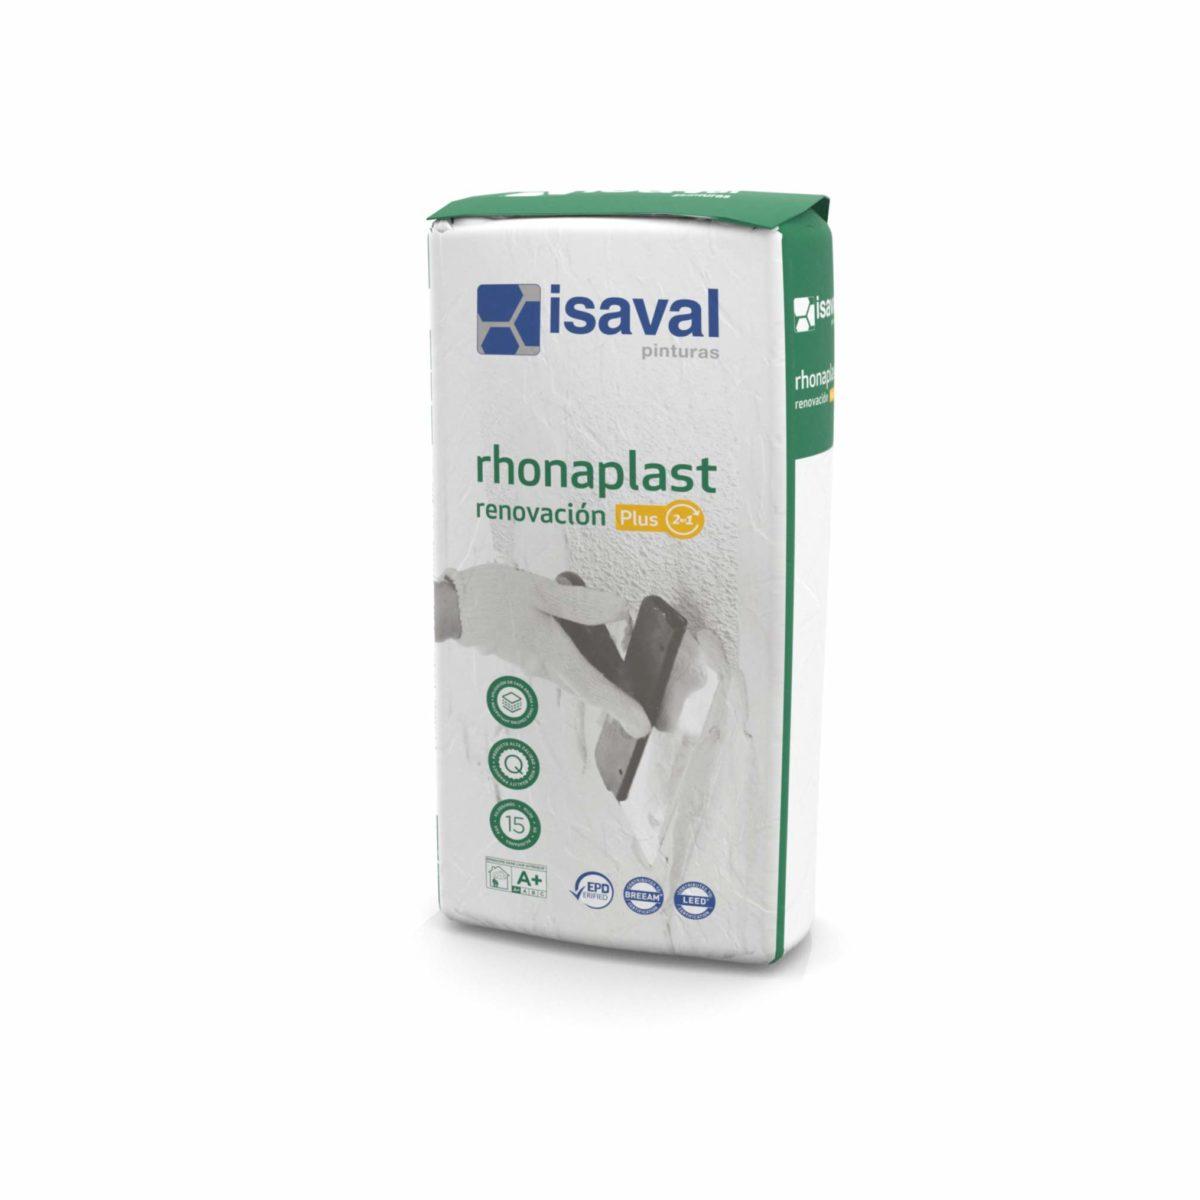 Rhonaplast Renovación PLUS. enlucido regulación 2 en 1 de Pinturas Isaval